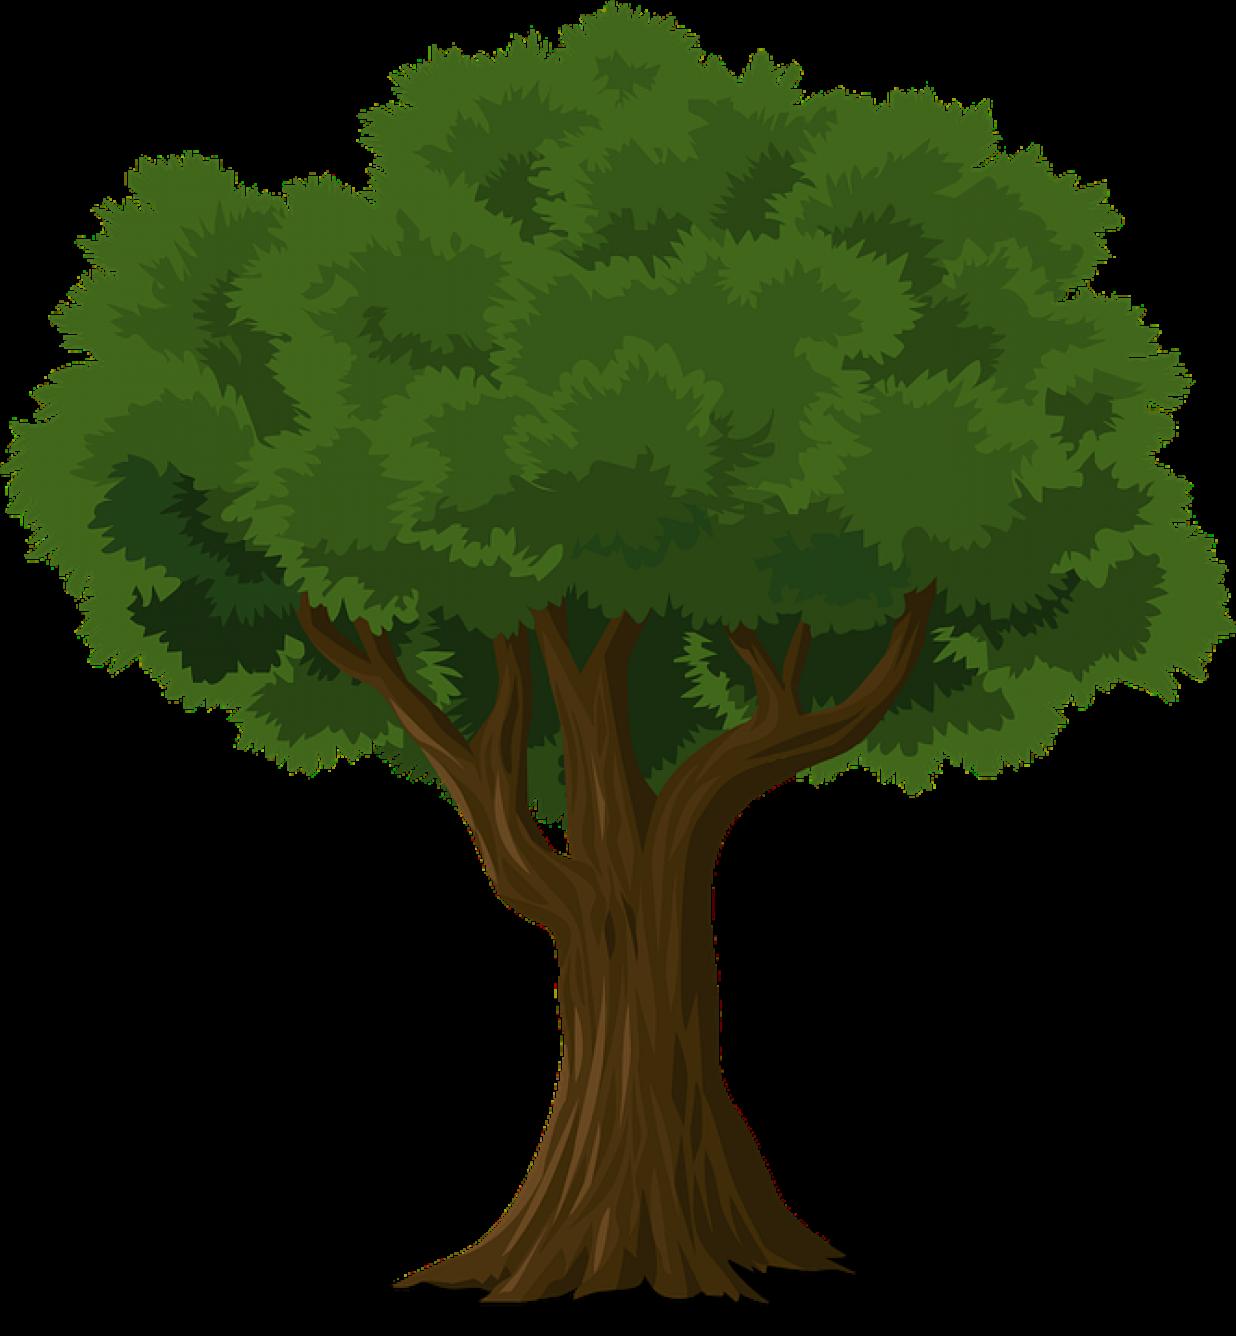 Дерево дуб картинка на белом фоне